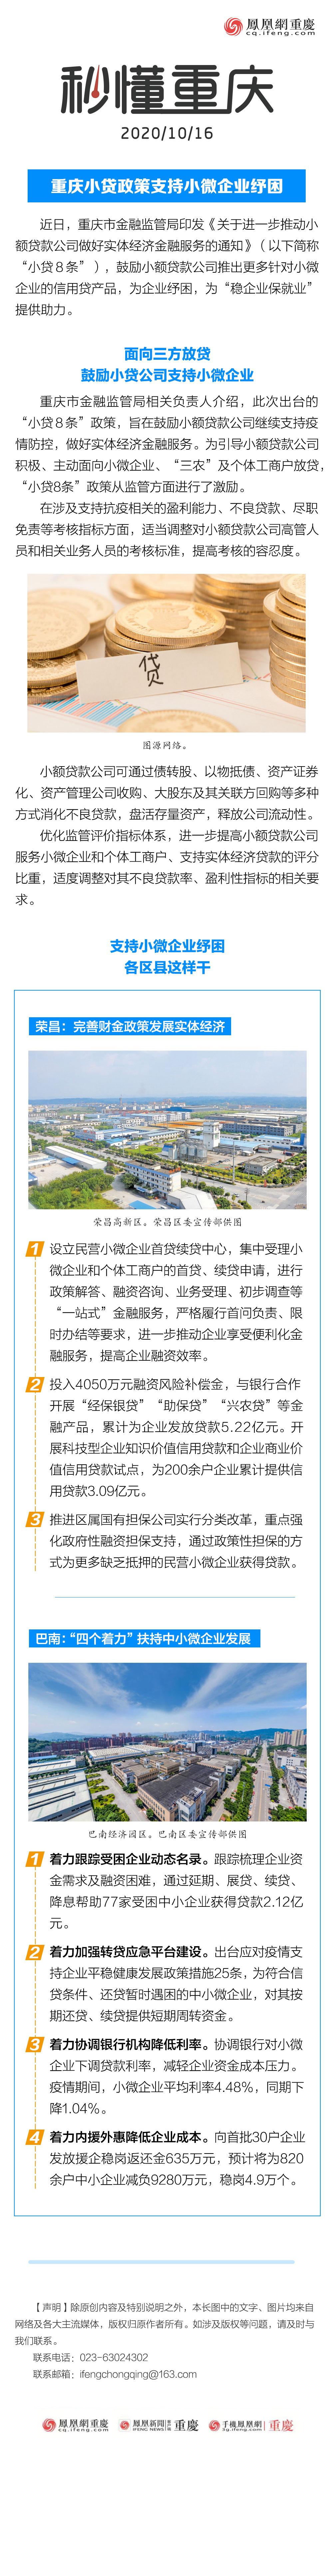 秒懂重庆 | 重庆小贷政策支持小微企业纾困